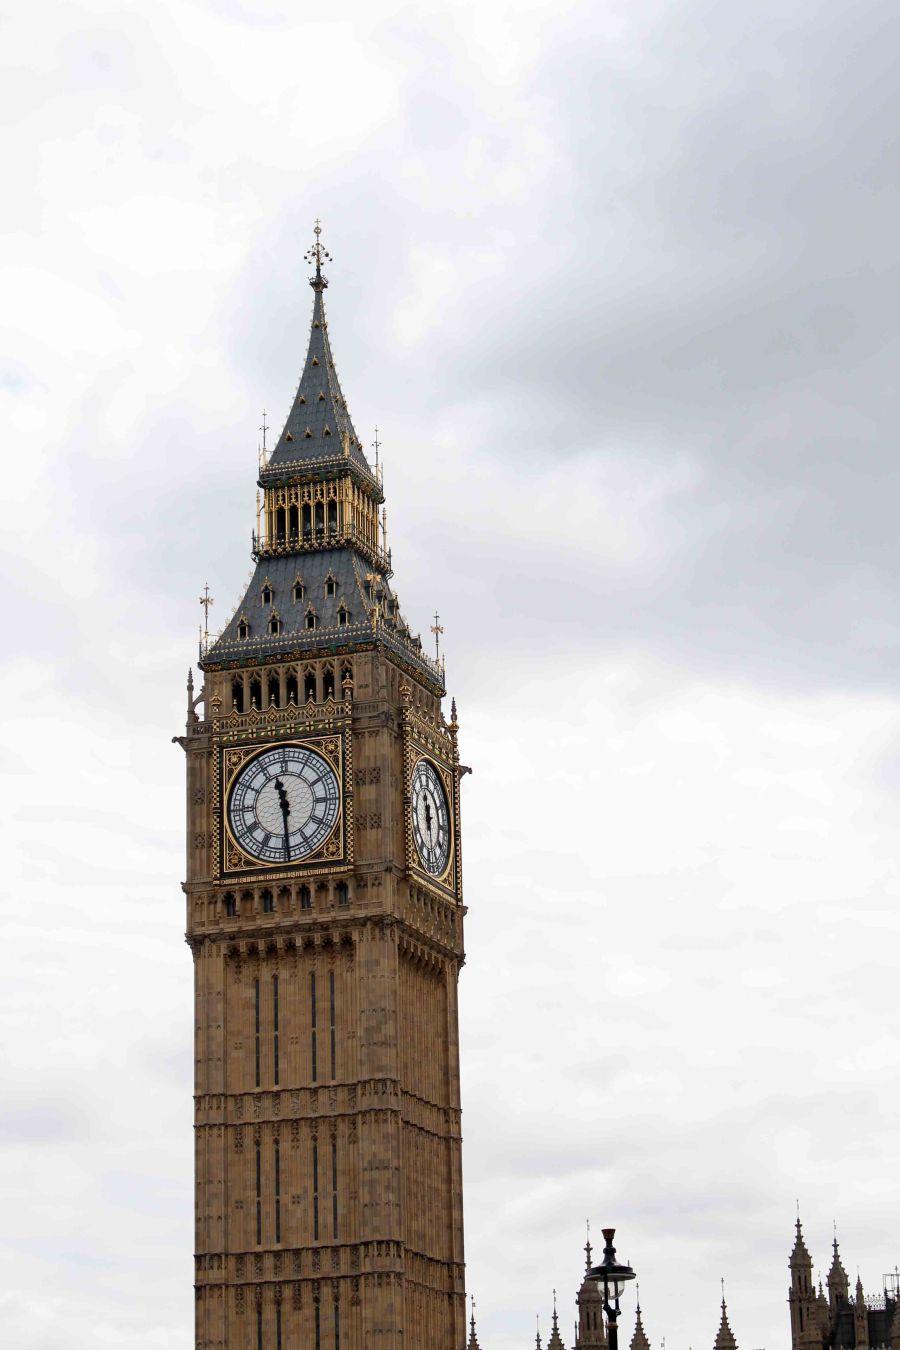 Seeing London in a weekend!